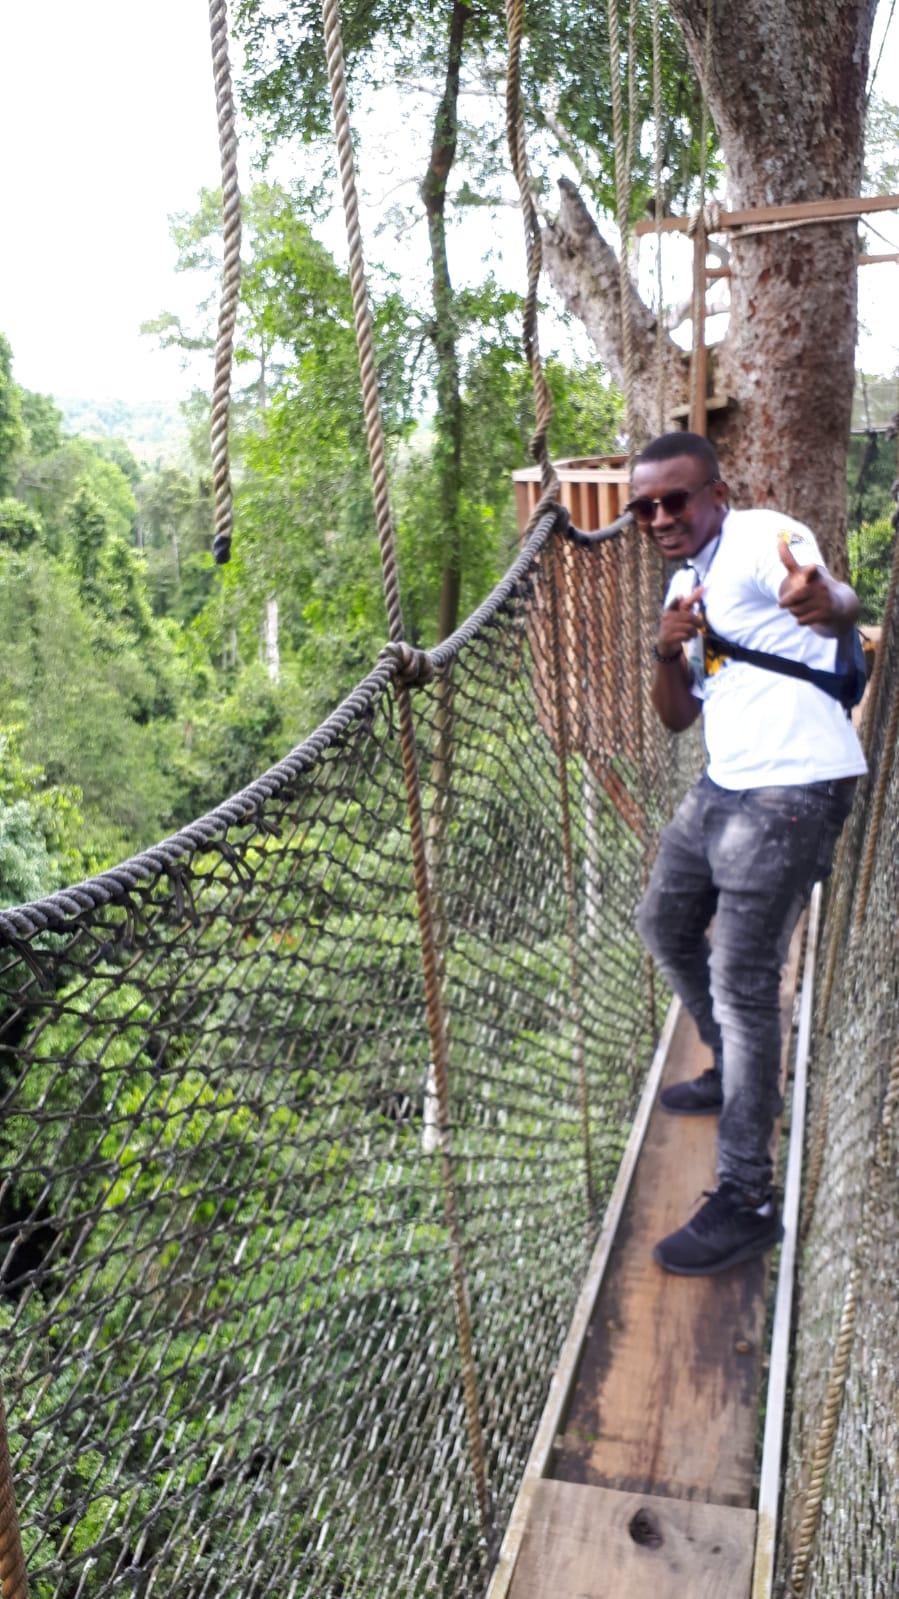 Your Fun Ghanian Tour guide